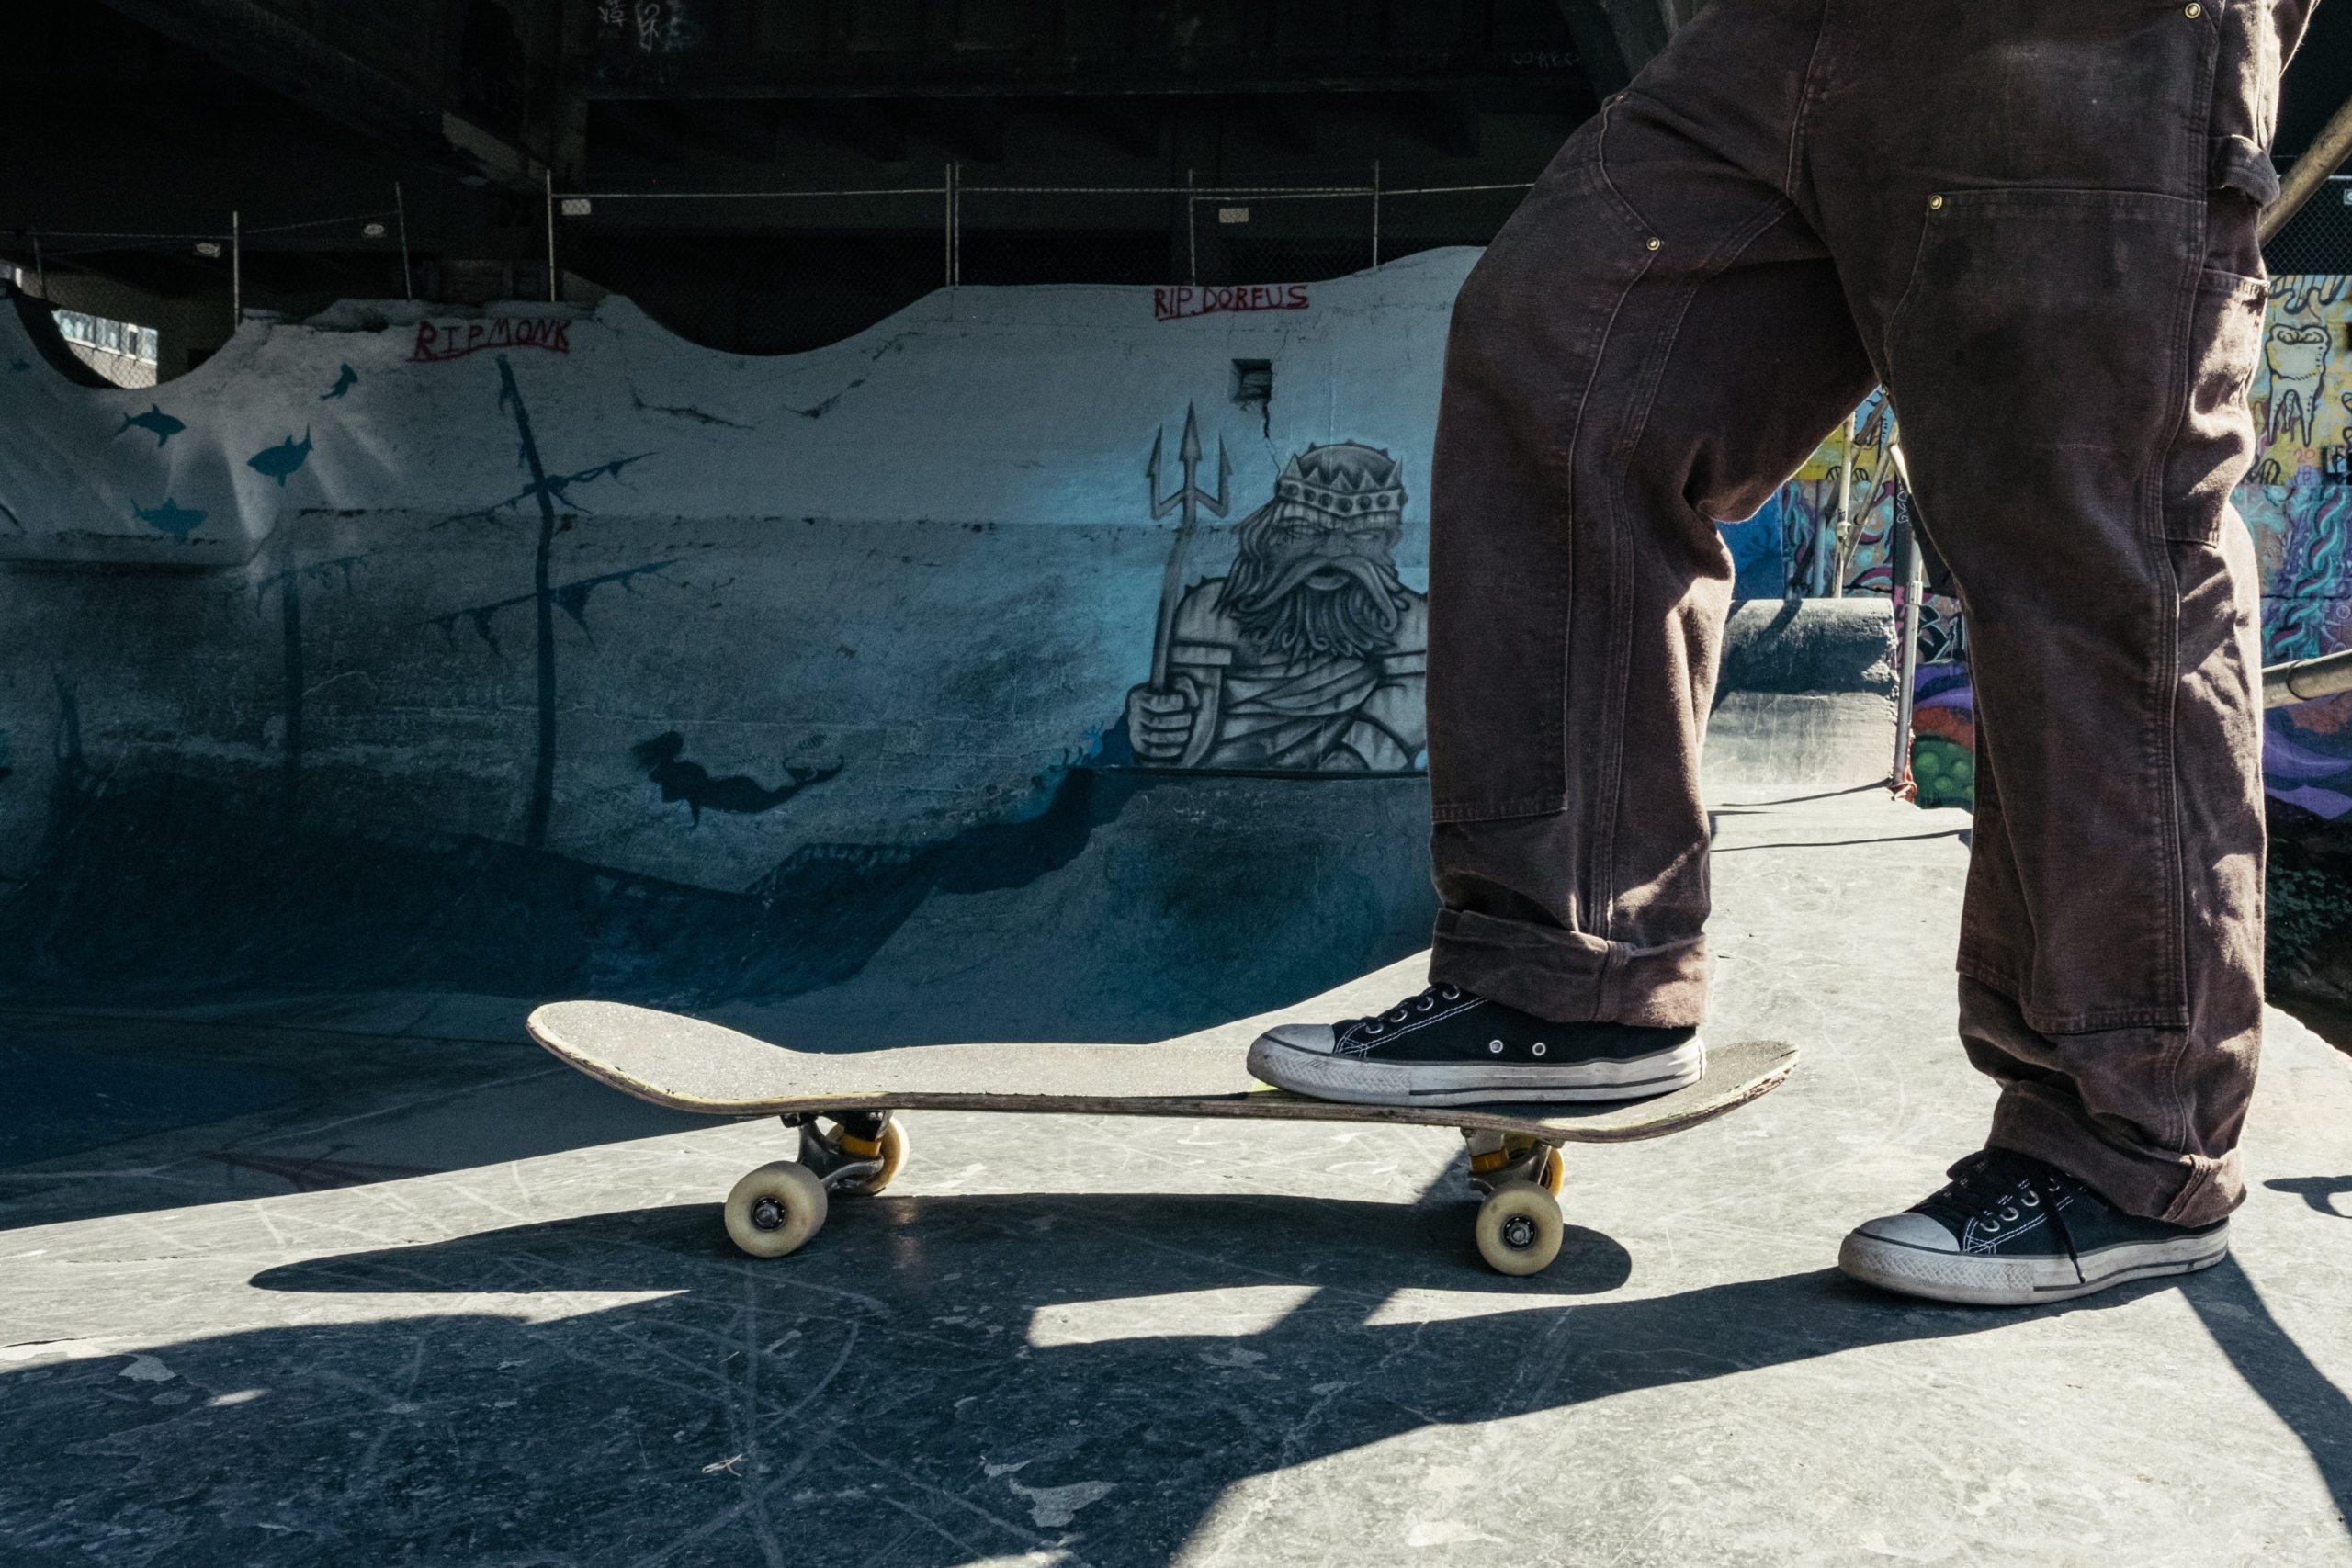 【知】トリックの知識,スケート関連,スケート用品